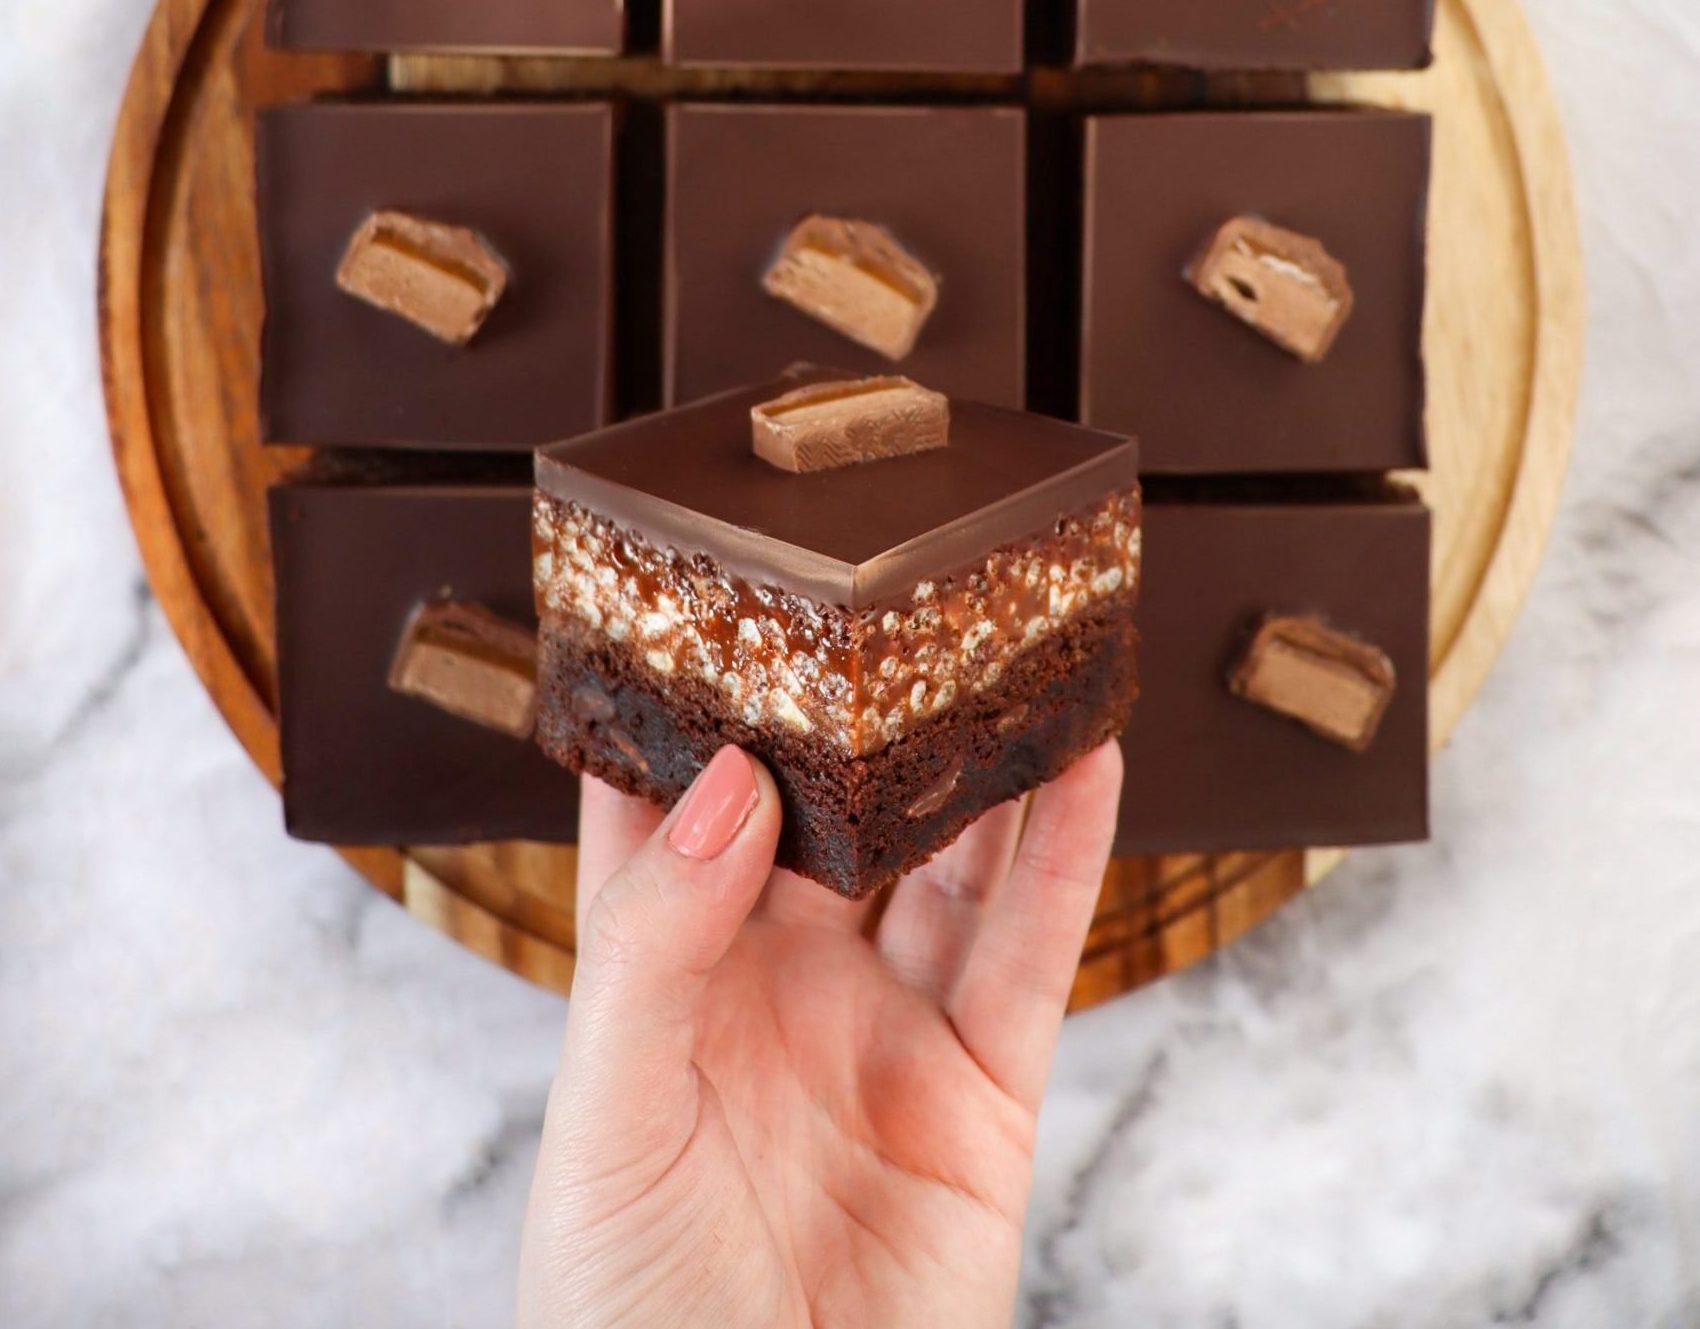 Mars Bar Square Brownies